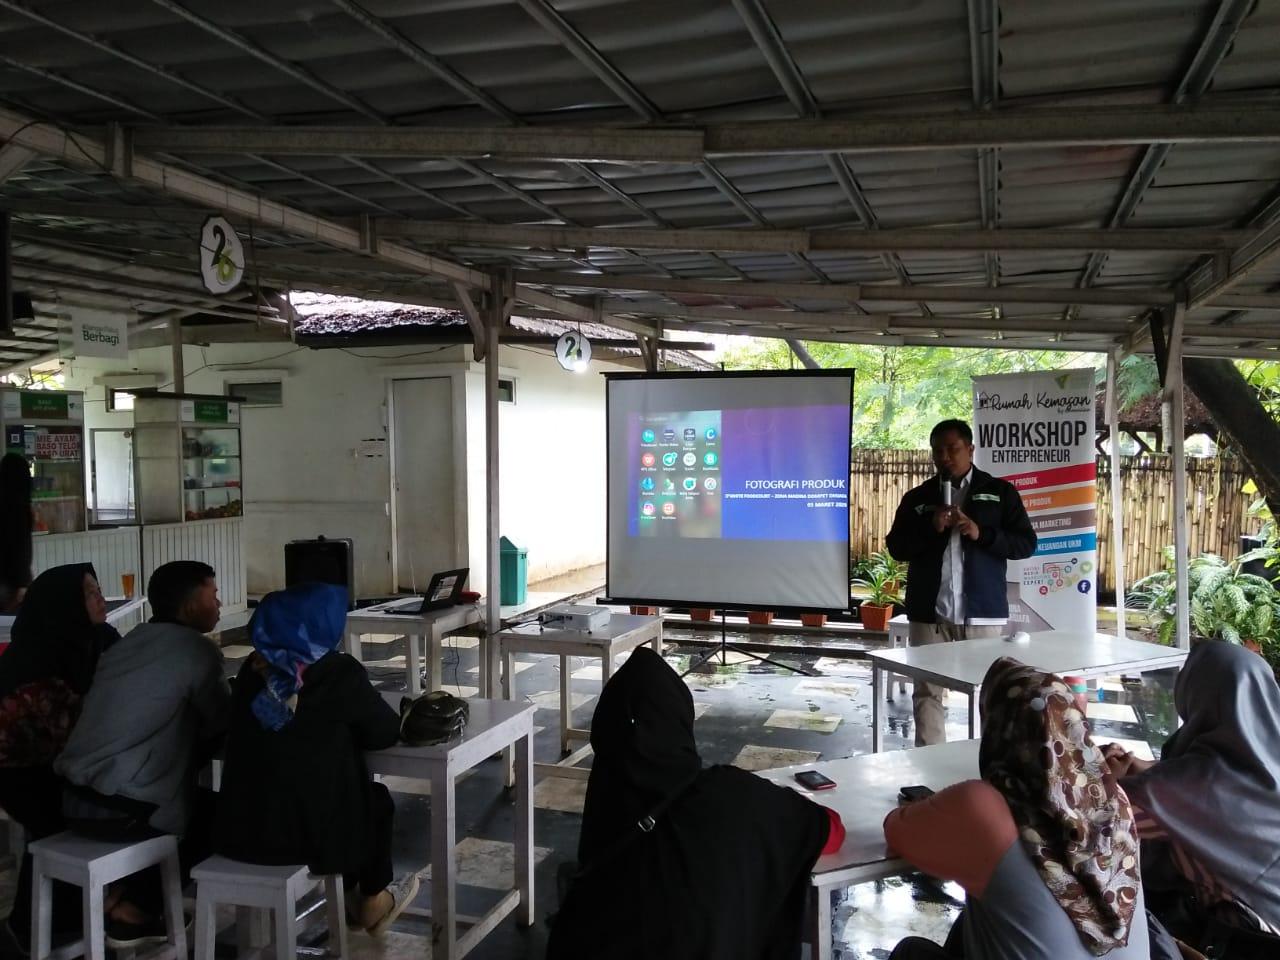 Rumah Kemasan Zona Madina Kembali Ajak Umkm Ikuti Pelatihan Foto Produk di Wisata Djampang Zona Madina